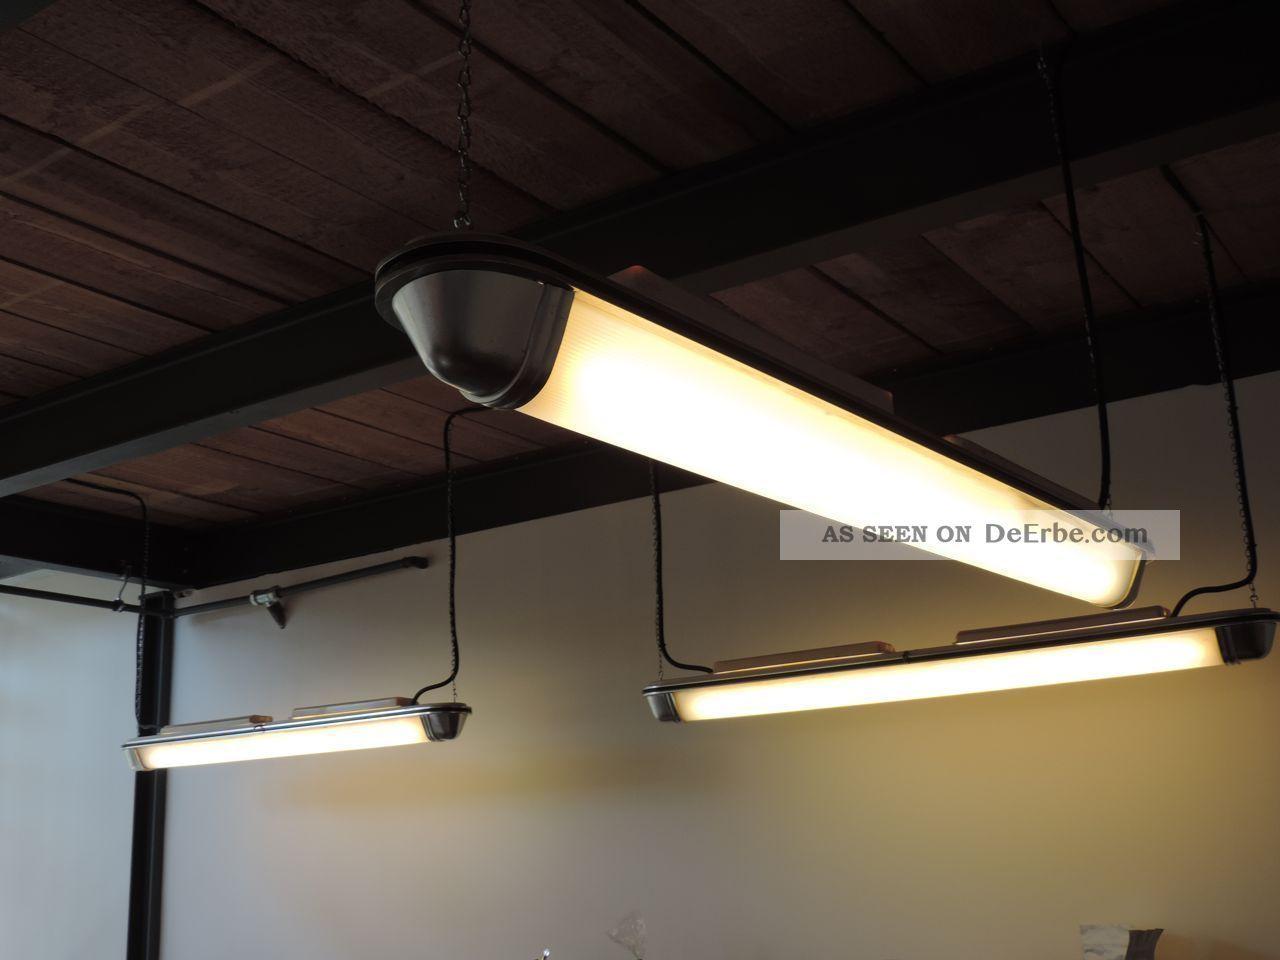 U Bahn Lampe Loft Bauhaus Art Deco Industrielampe Berlin Mauer Fabriklampe 1 Lgw Jpg 1280 960 Design Lampen Industrielampen Bauhaus